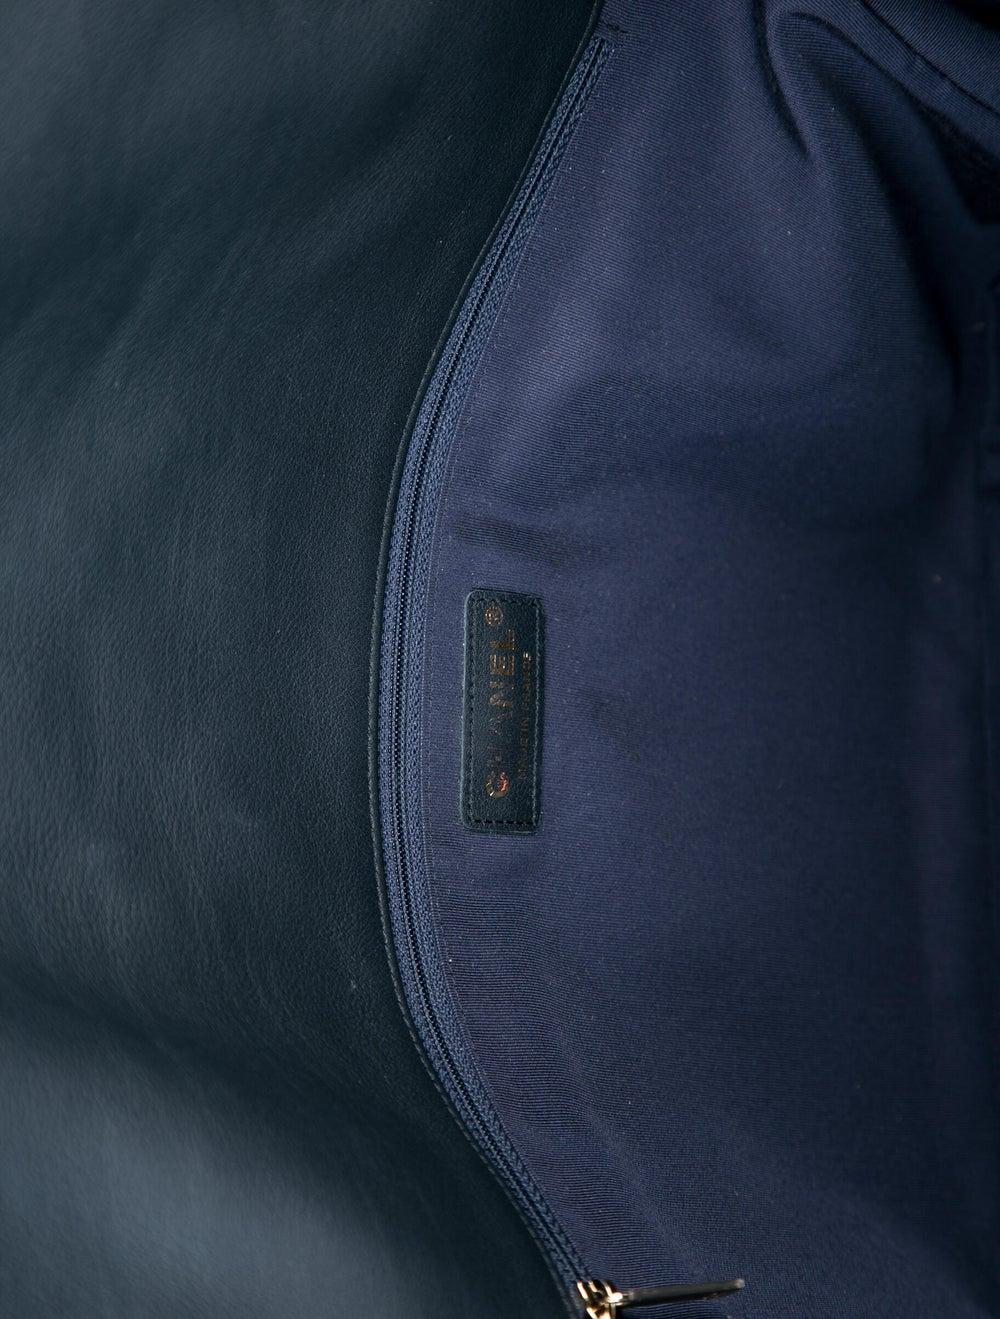 Chanel Paris-Hamburg Cable Knit Flap Bag Blue - image 5